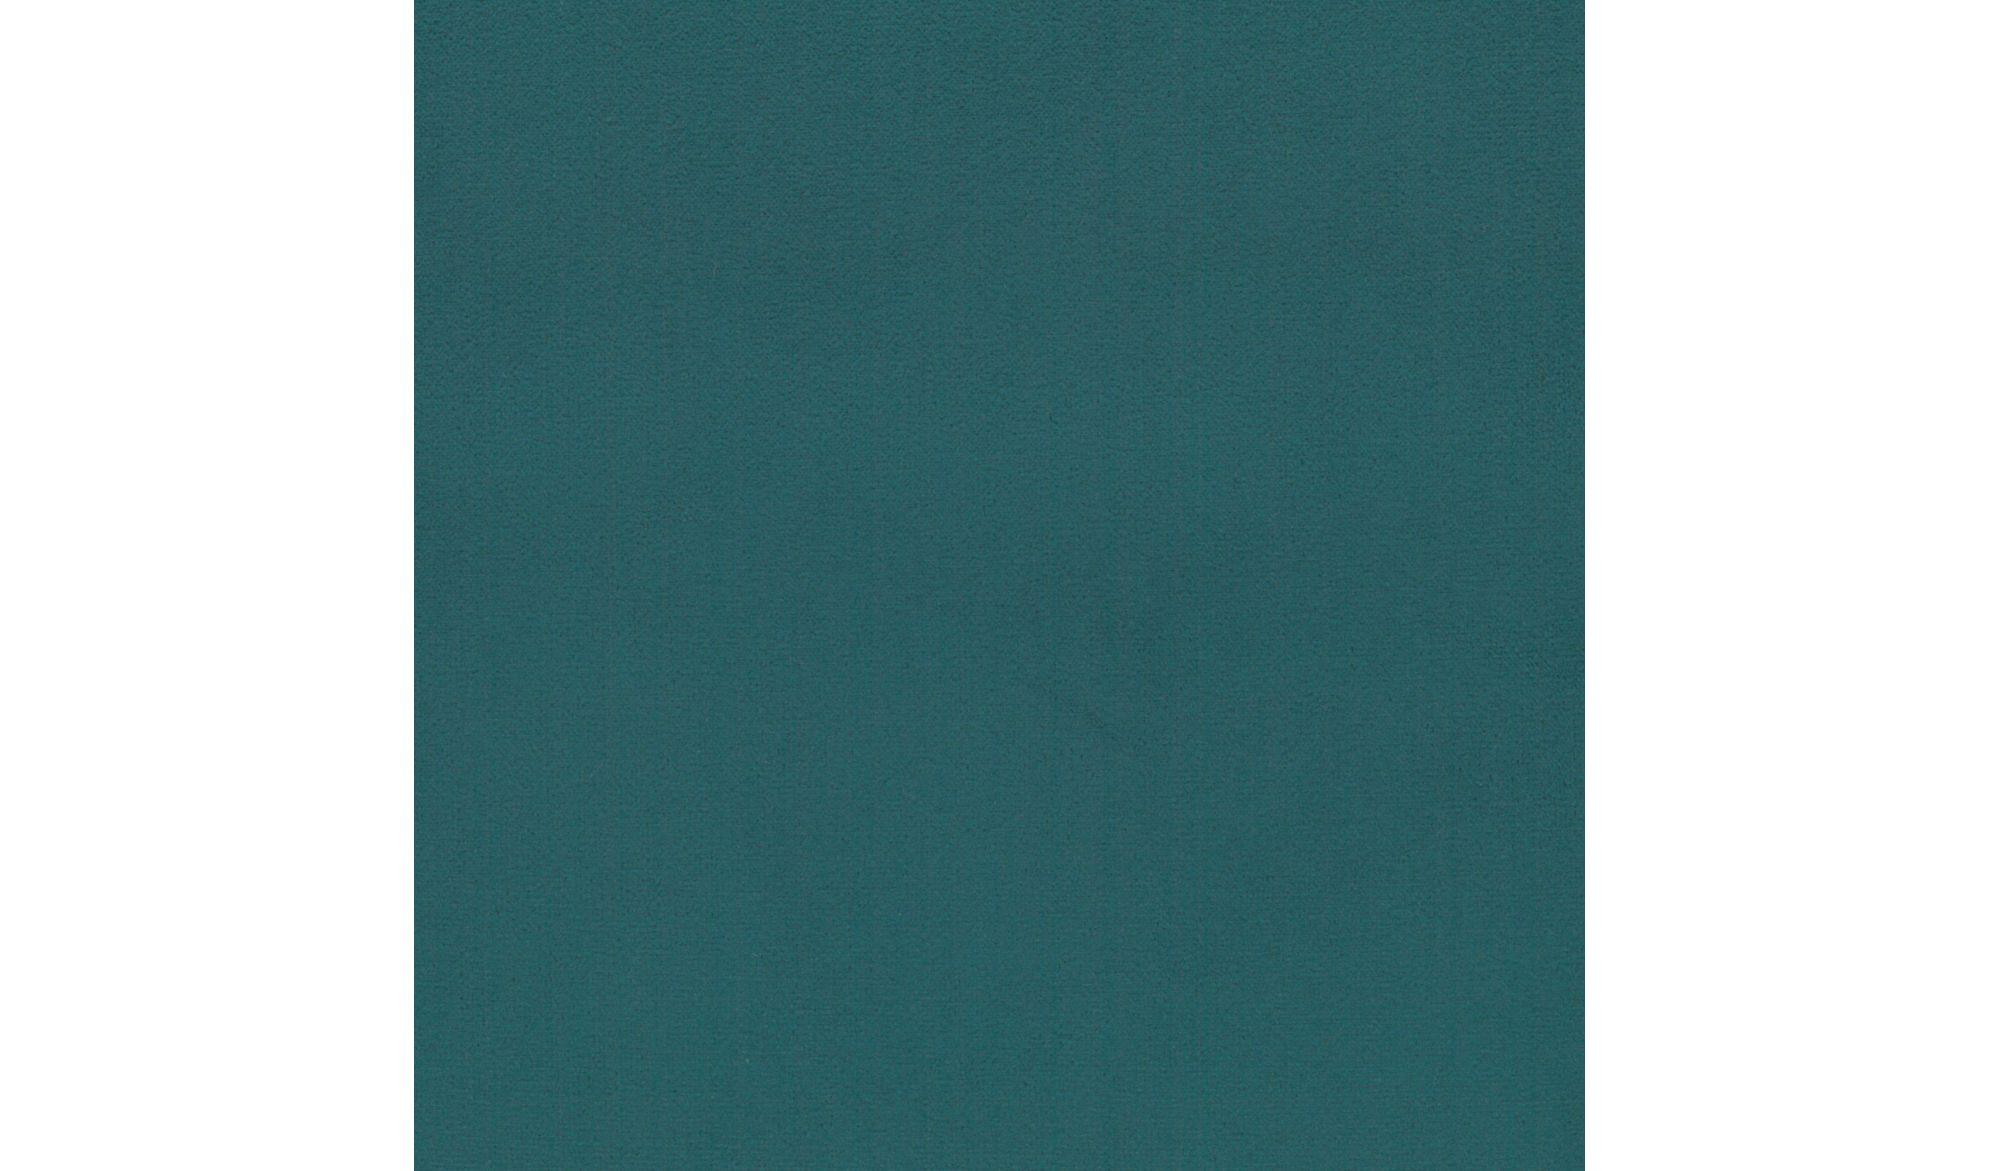 SCOT Turquoise-33